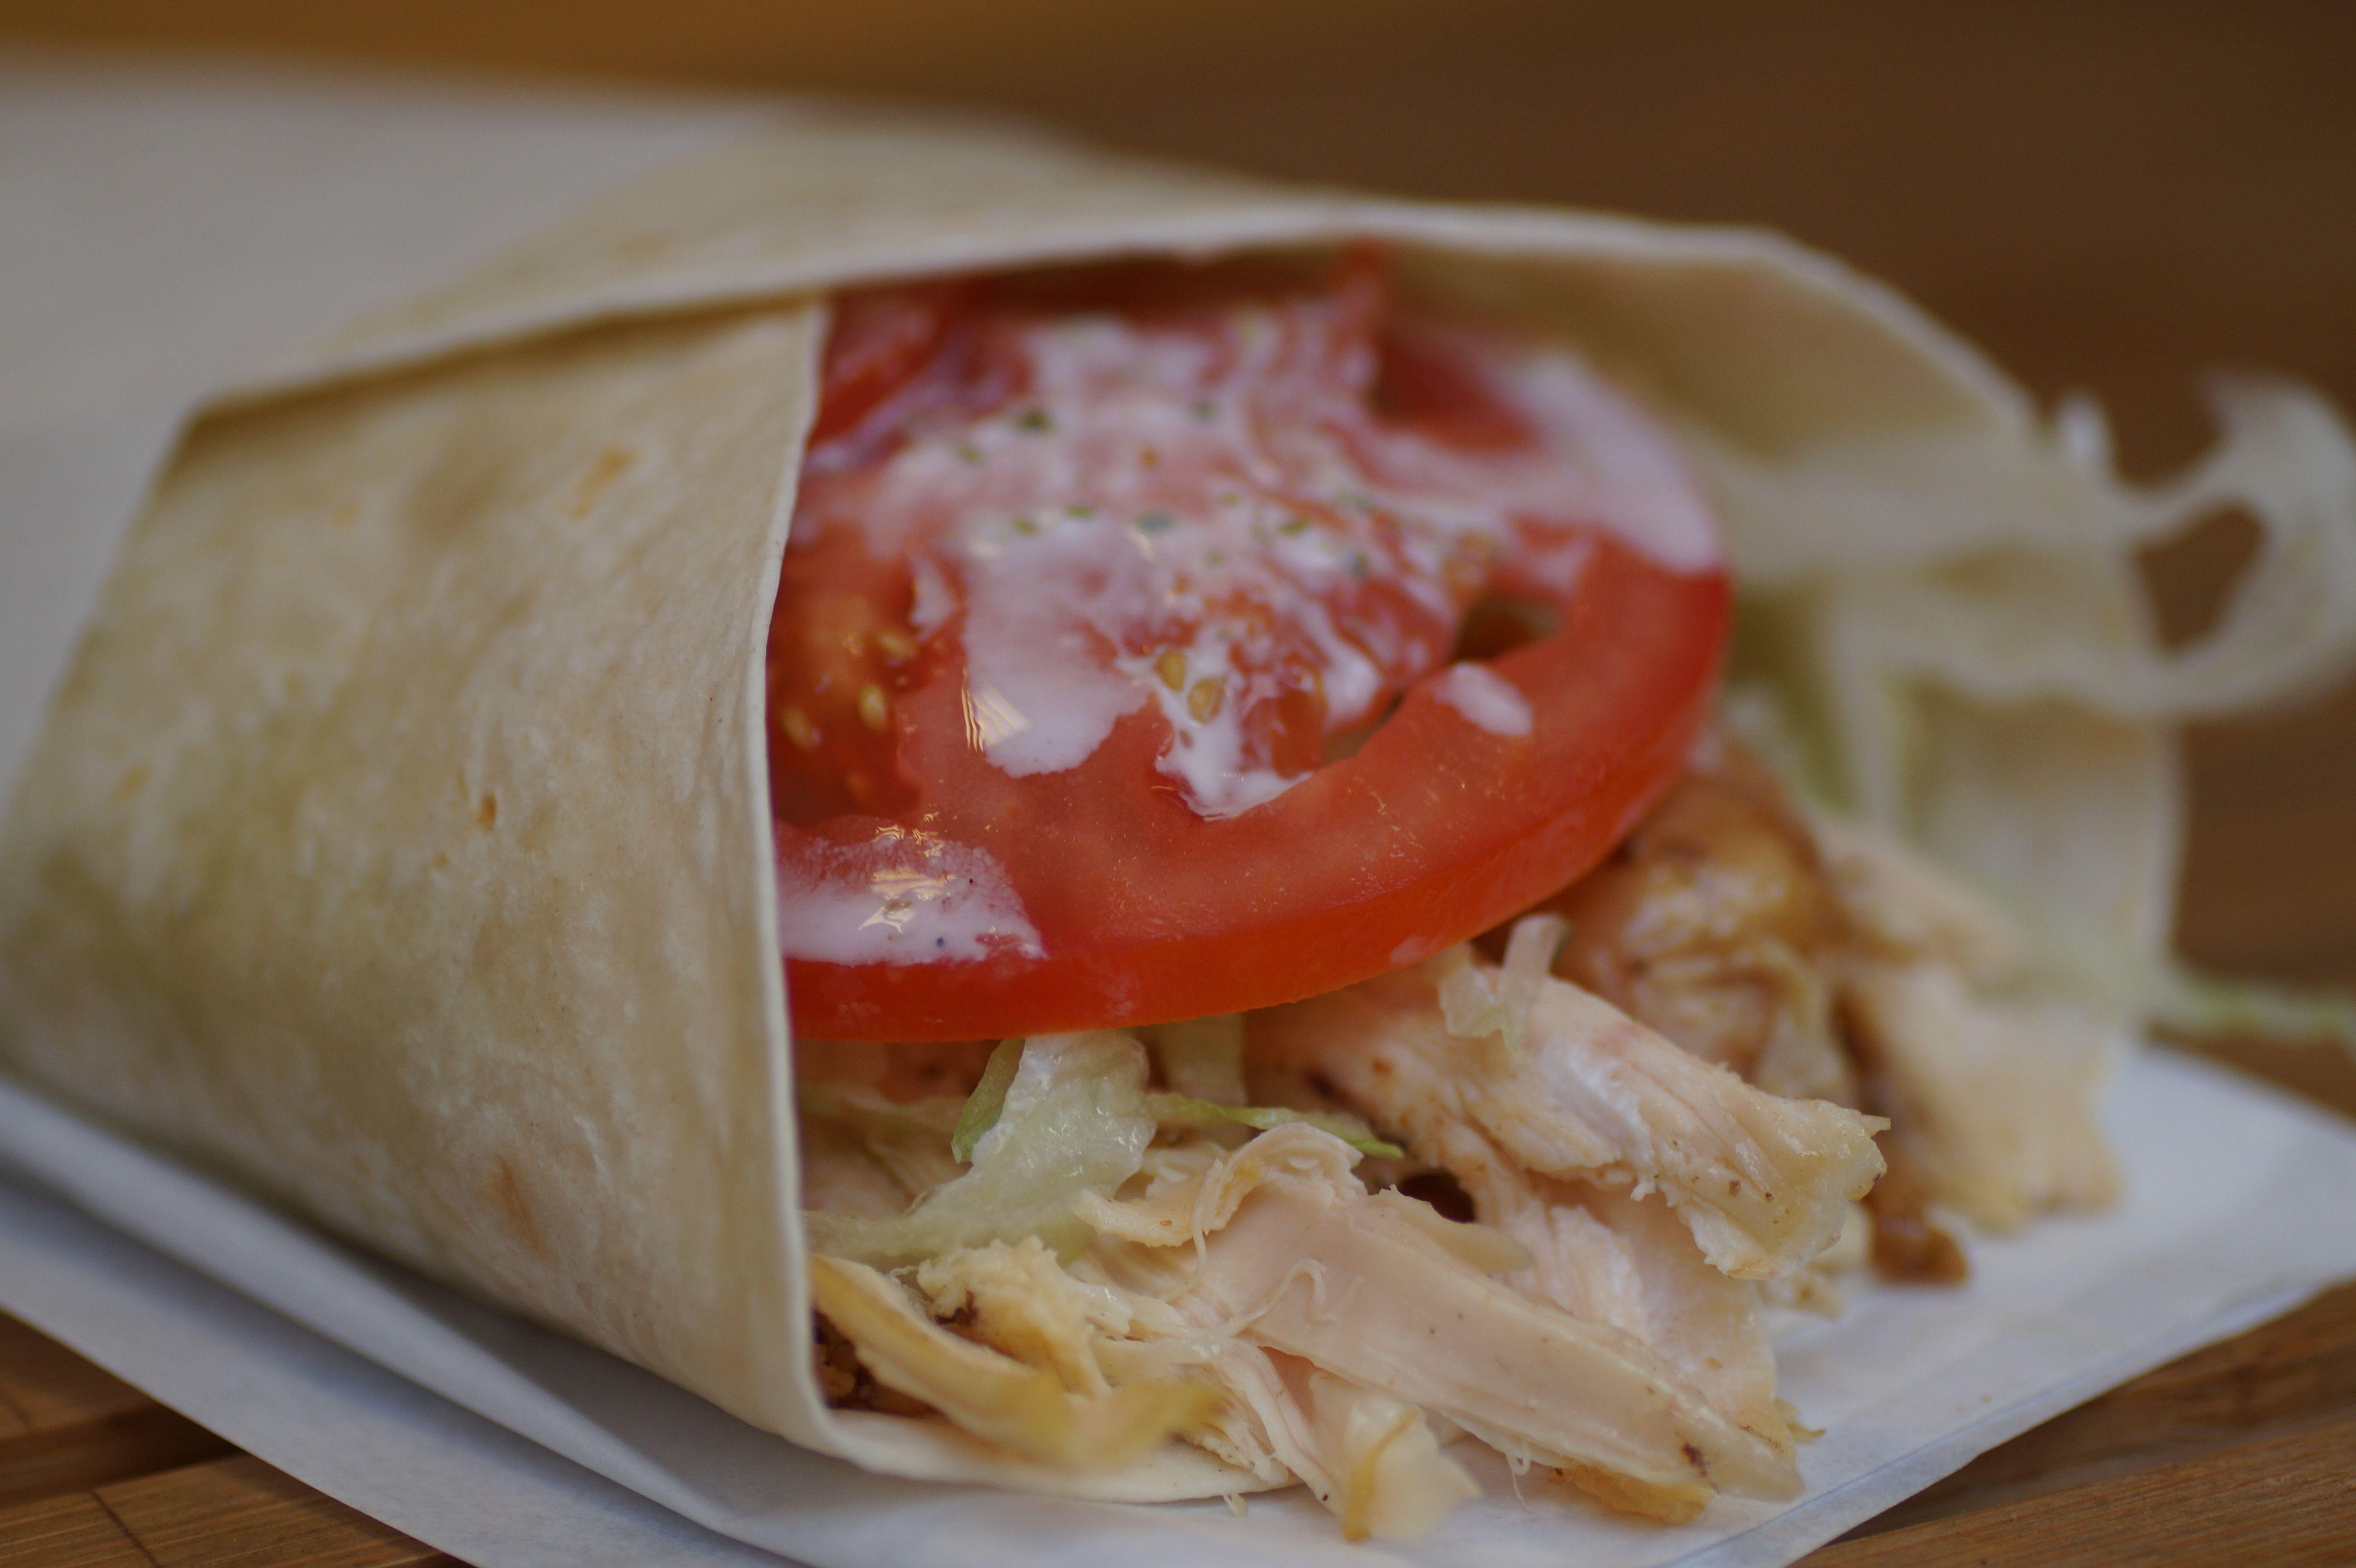 ENROLLADOS: LOS TOP CHICKEN GRILL de Chicken Grill